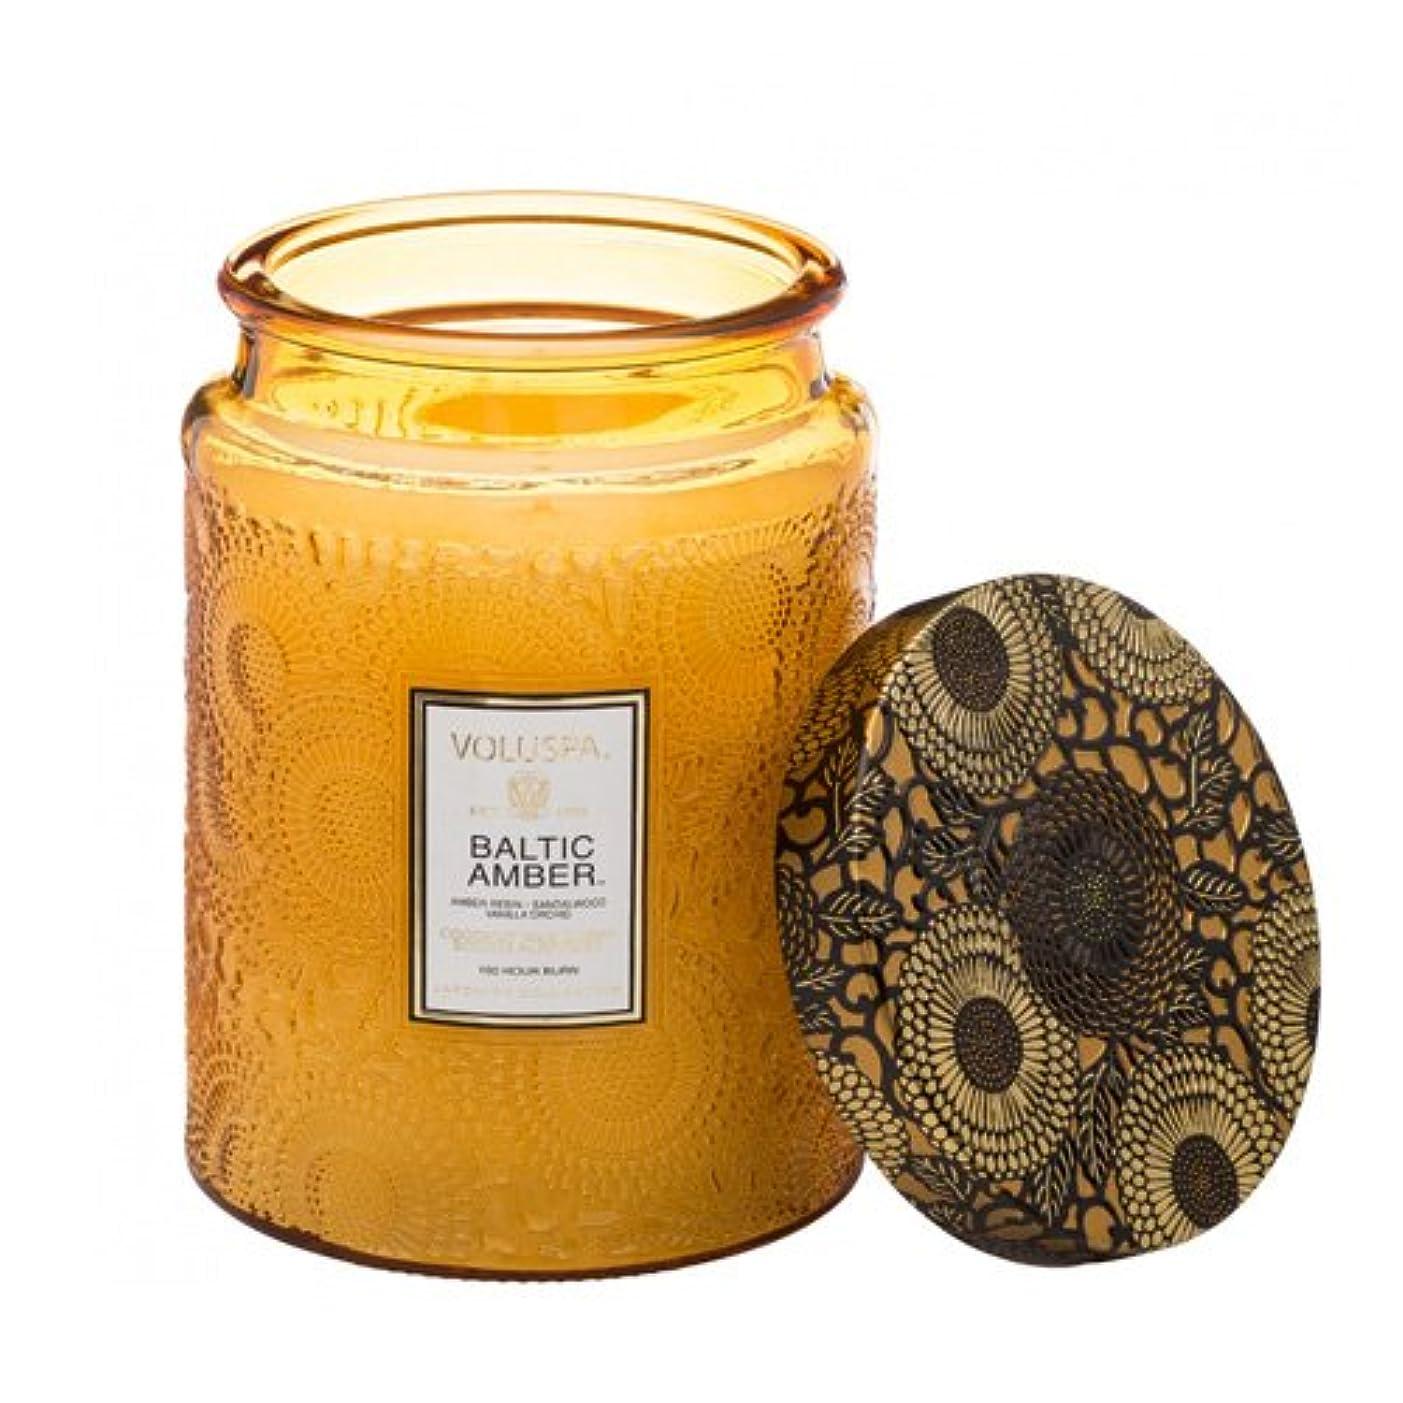 真鍮輪郭コマースVoluspa ボルスパ ジャポニカ リミテッド グラスジャーキャンドル  L バルティックアンバー BALTIC AMBER JAPONICA Limited LARGE EMBOSSED Glass jar candle